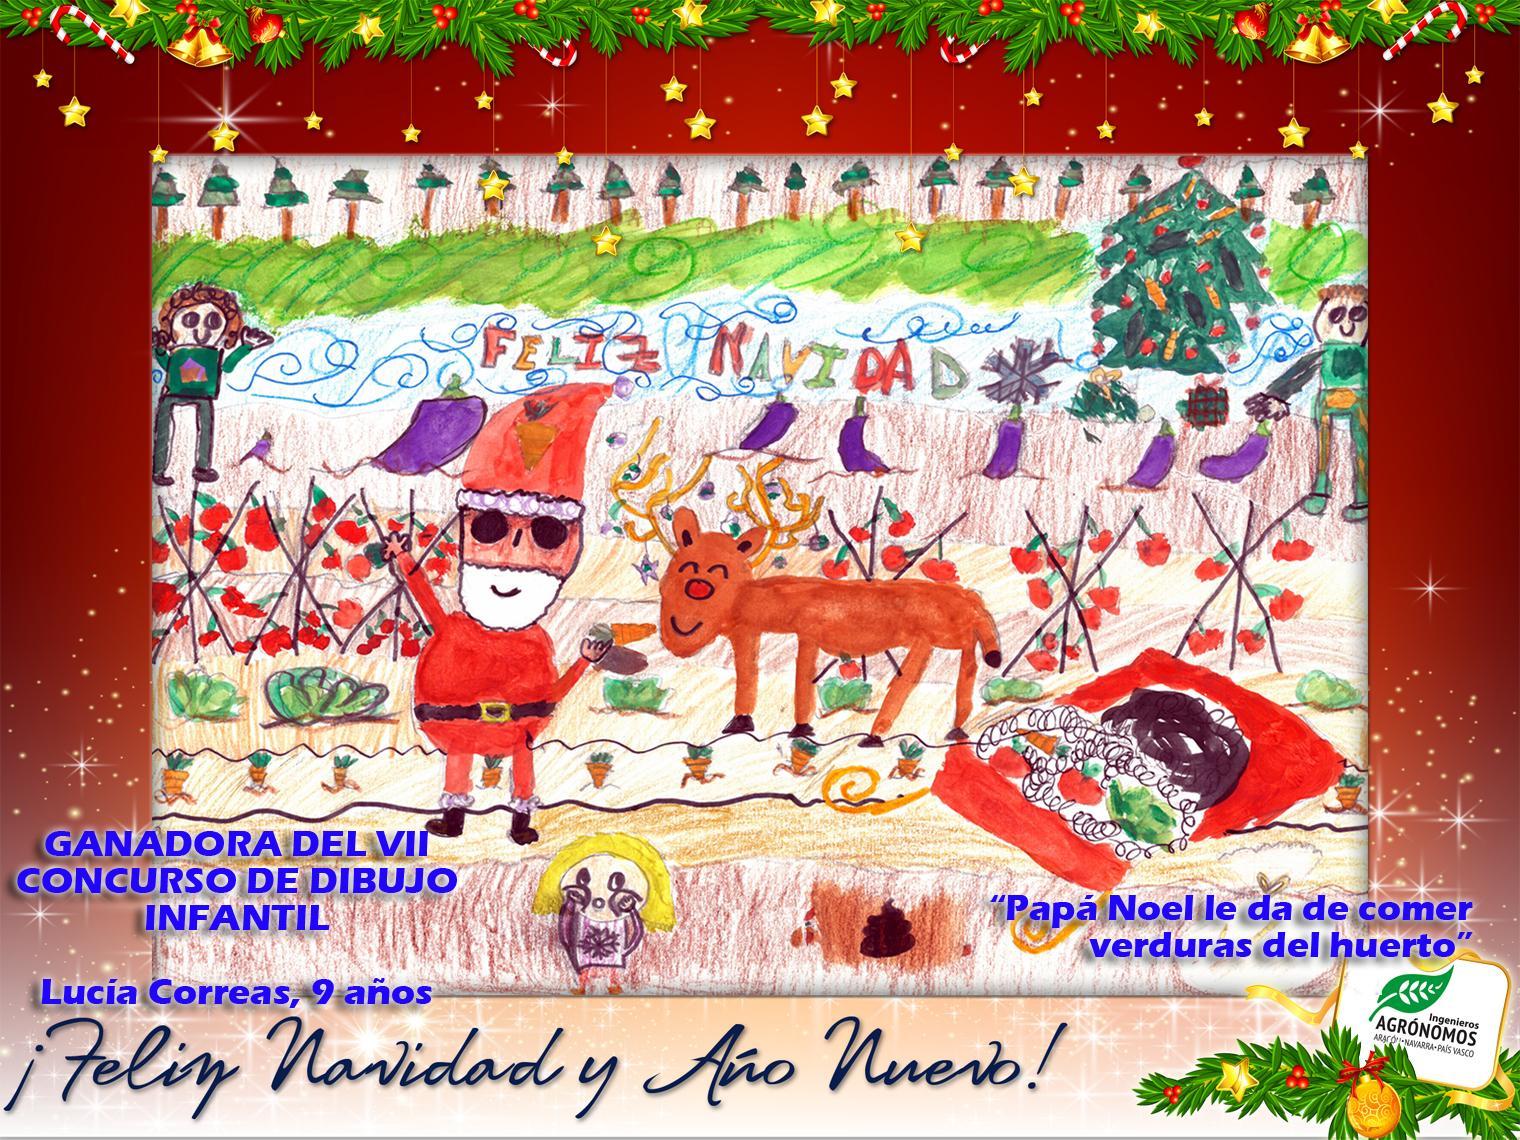 """Papá Noel aterriza en le huerto de mis padres para darles energía a los renos"""" de Lucia Correas, 9 años"""